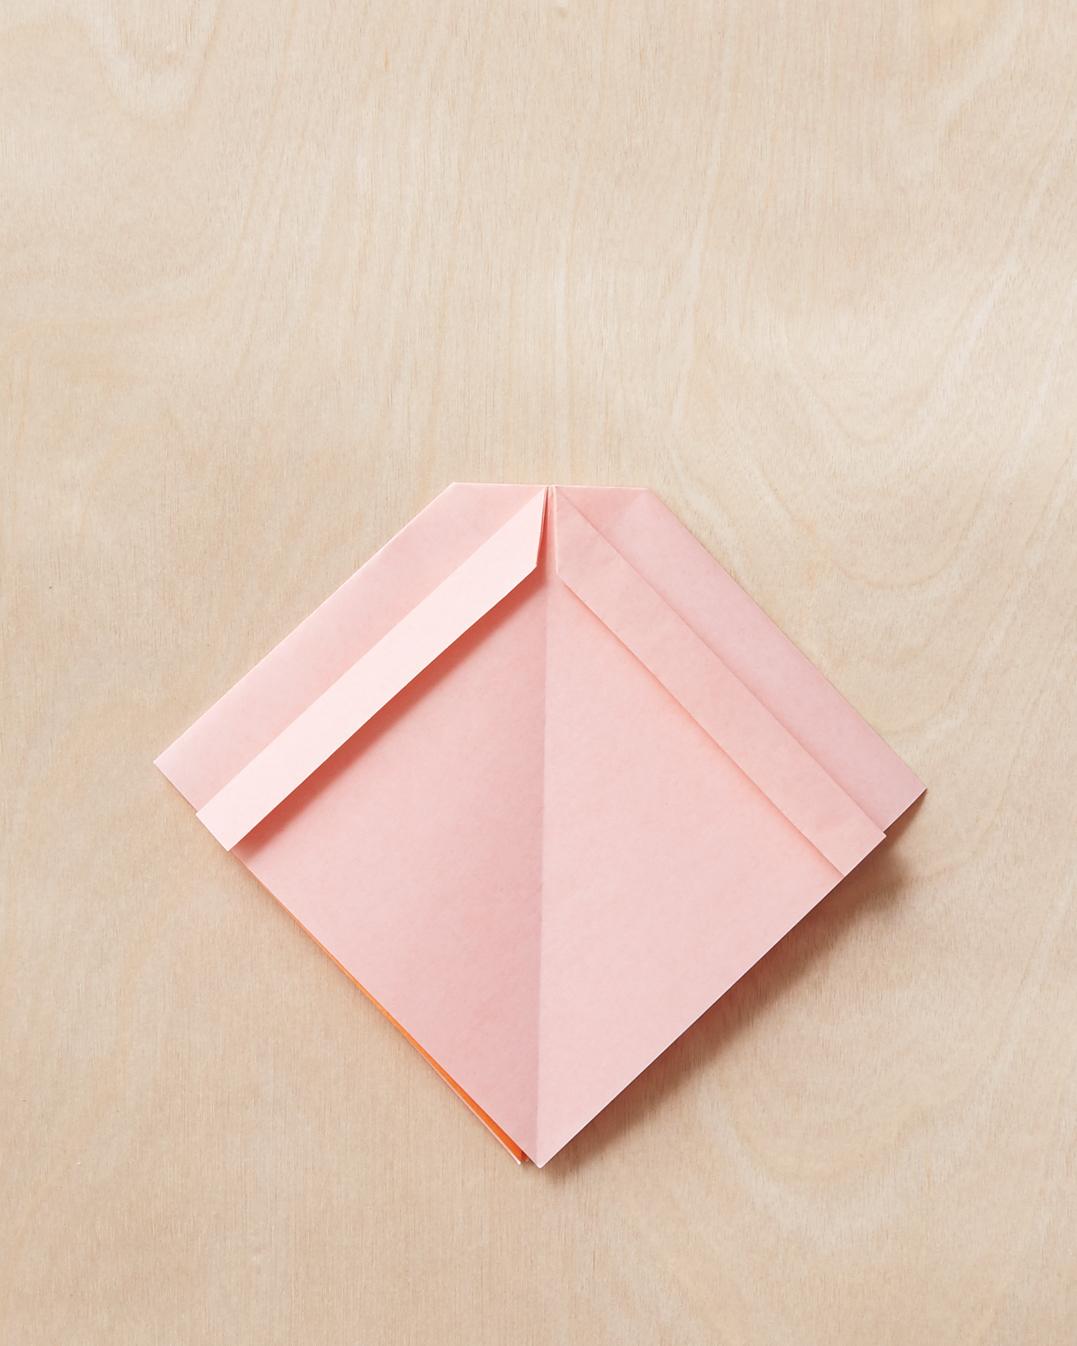 origami-bow-6-198-mwd110795.jpg